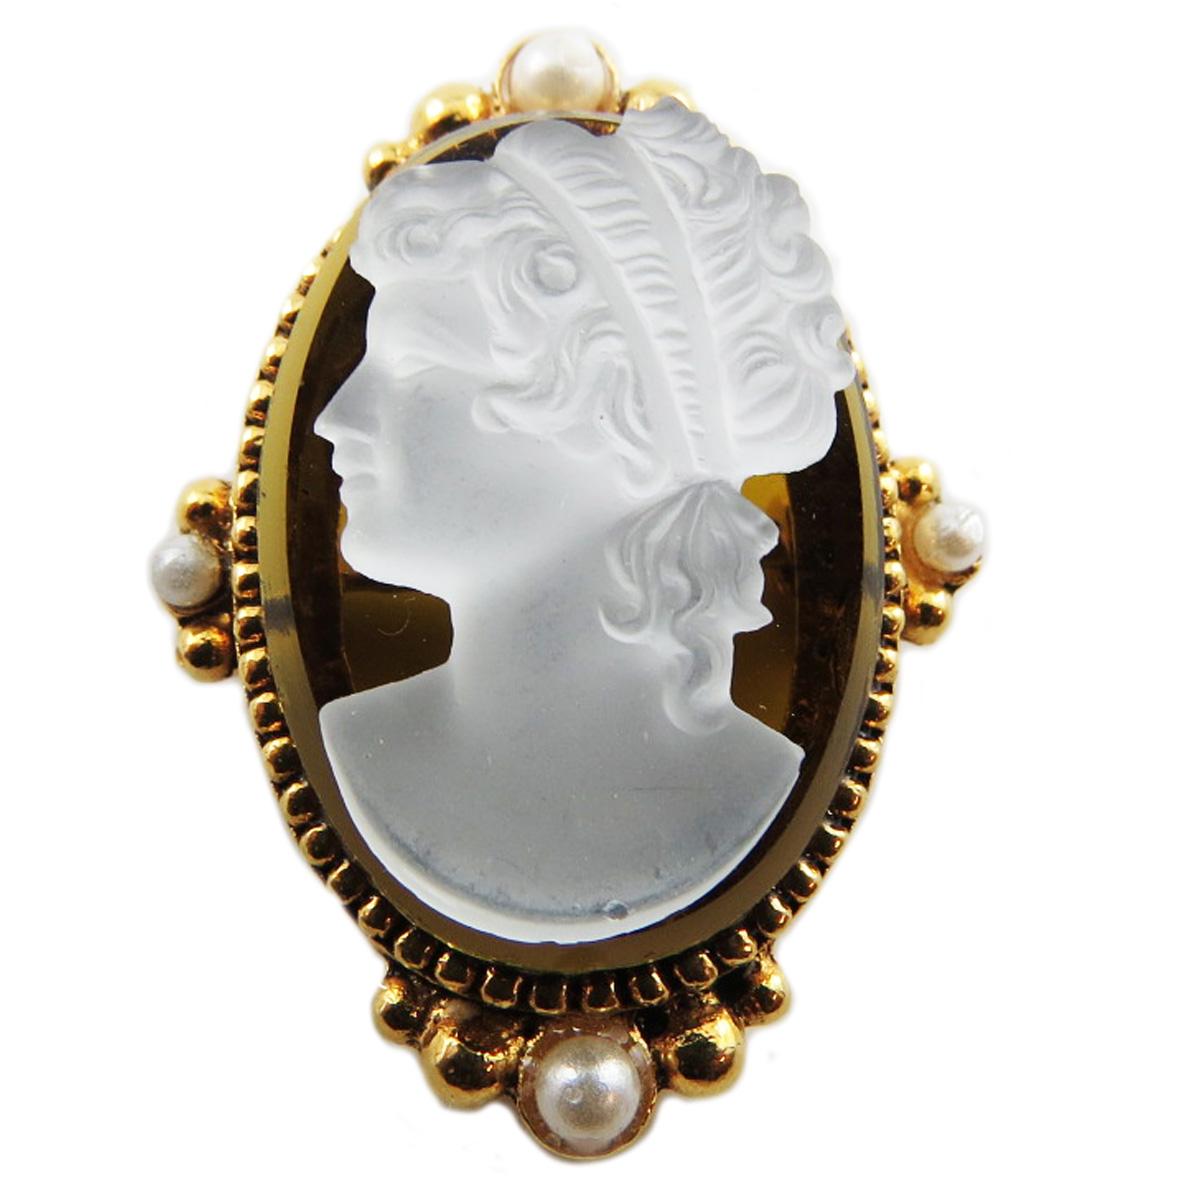 Broche artisanale \'Constantinople\' marron doré (camée) - 35x25 mm - [R1292]